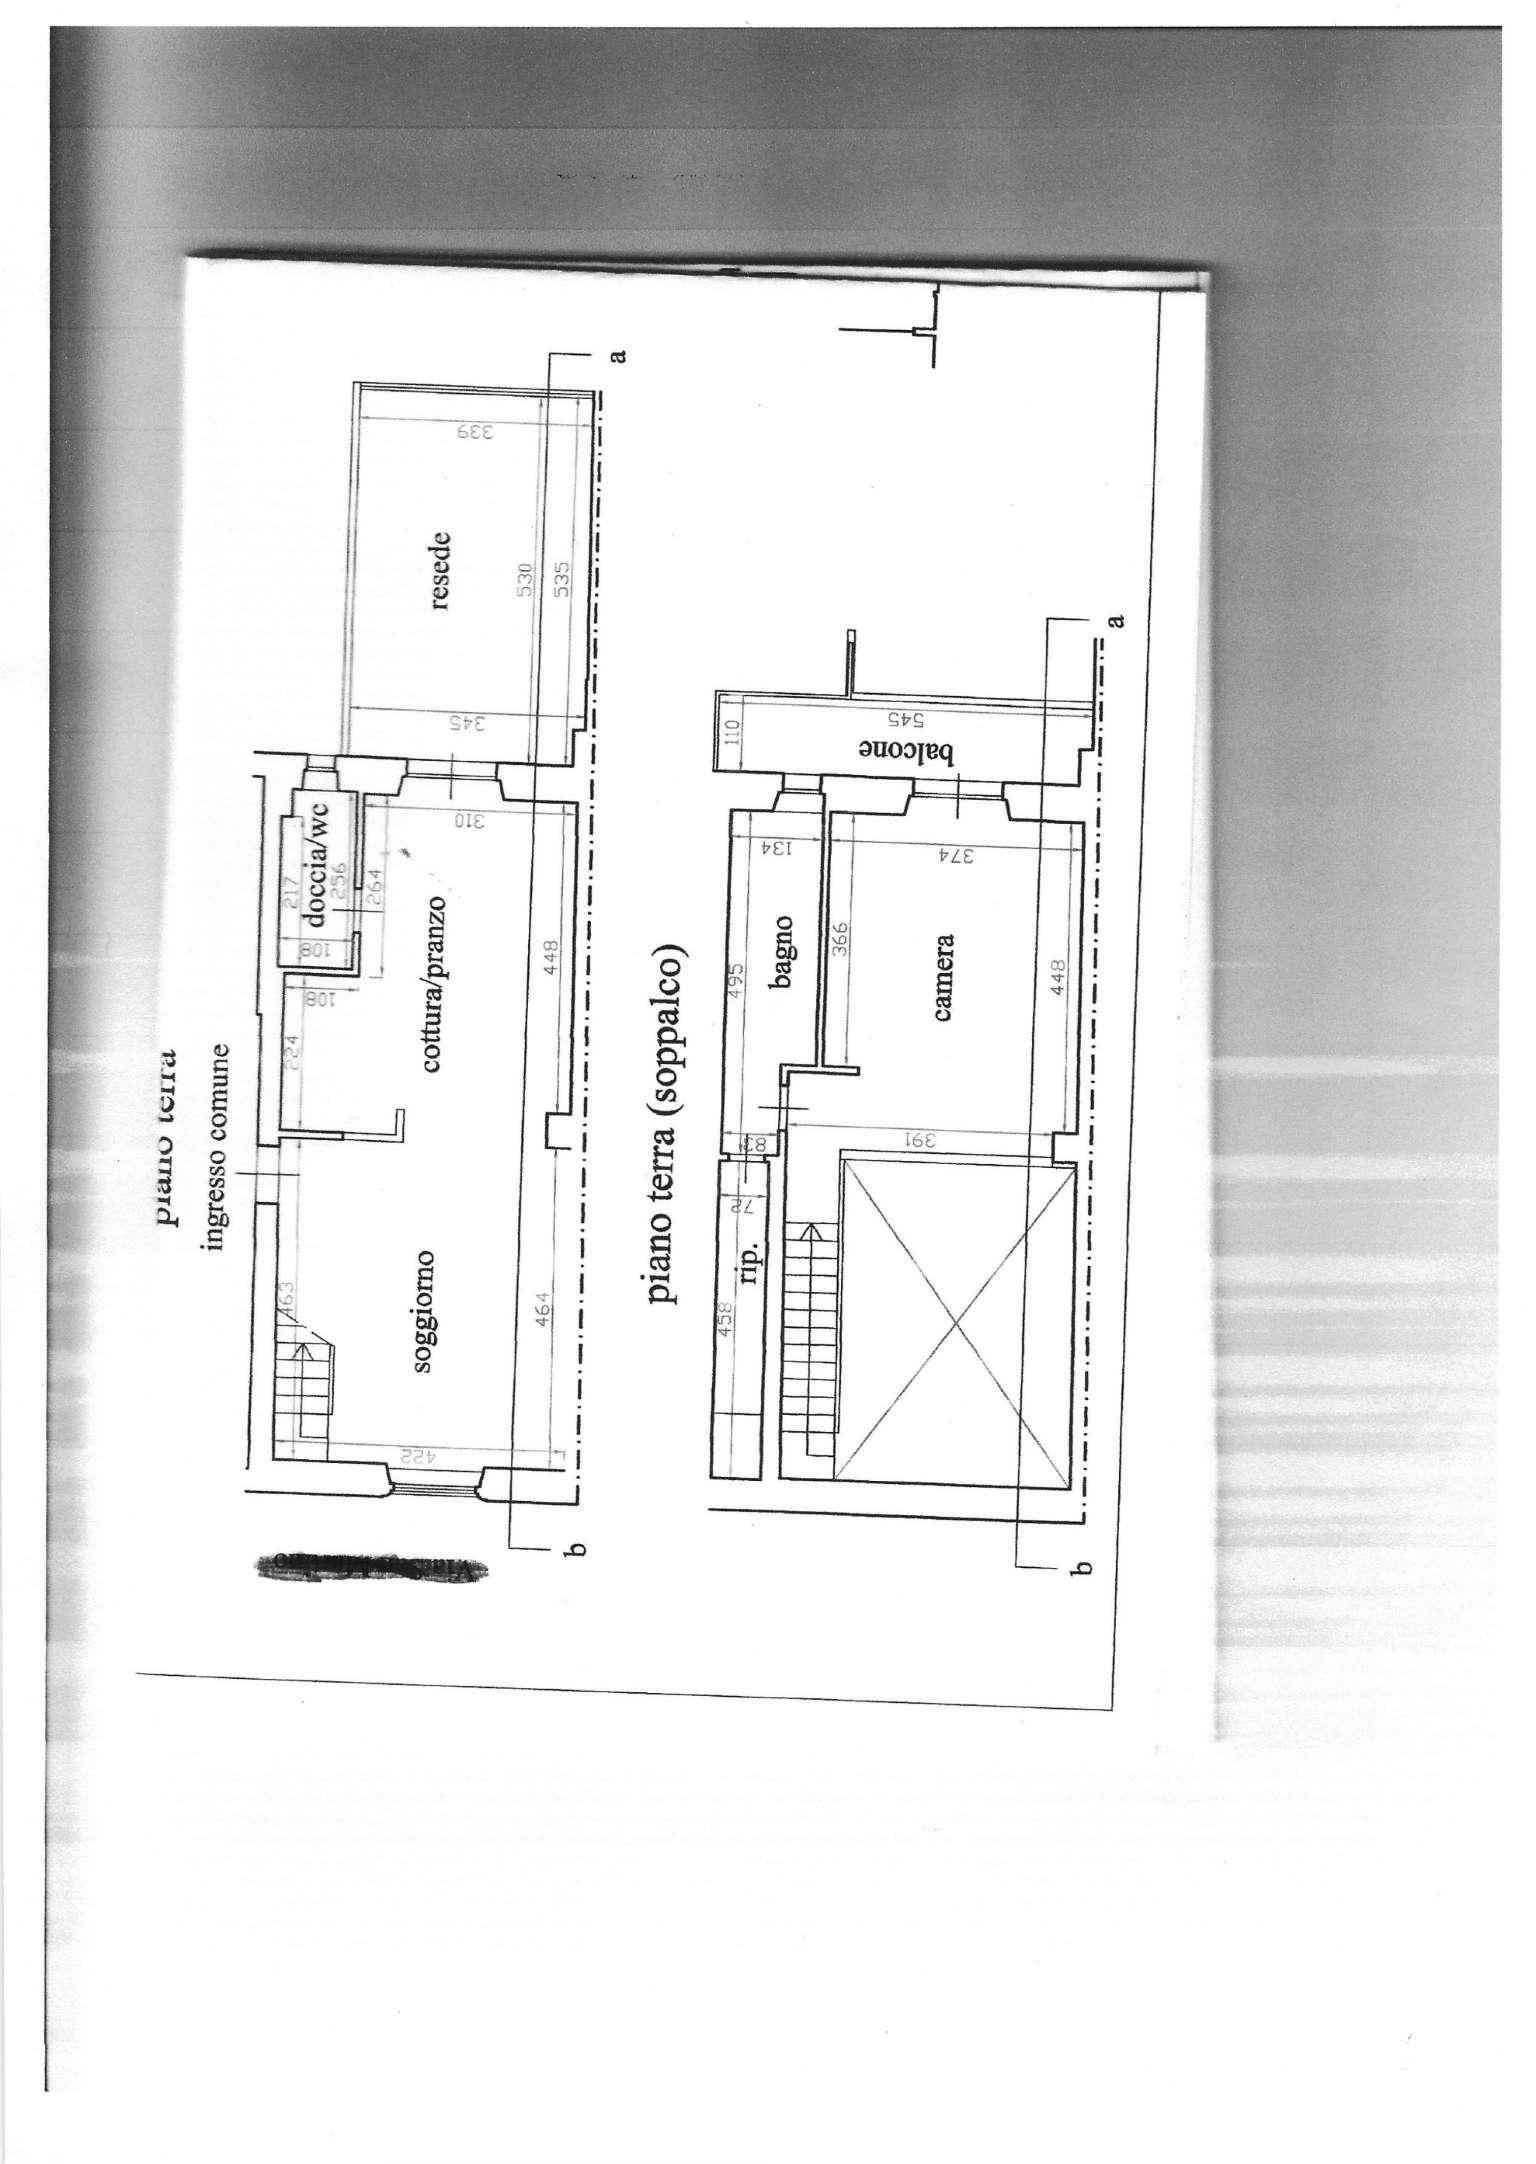 Vendita  bilocale Viareggio Via Giosue Carducci 1 943711